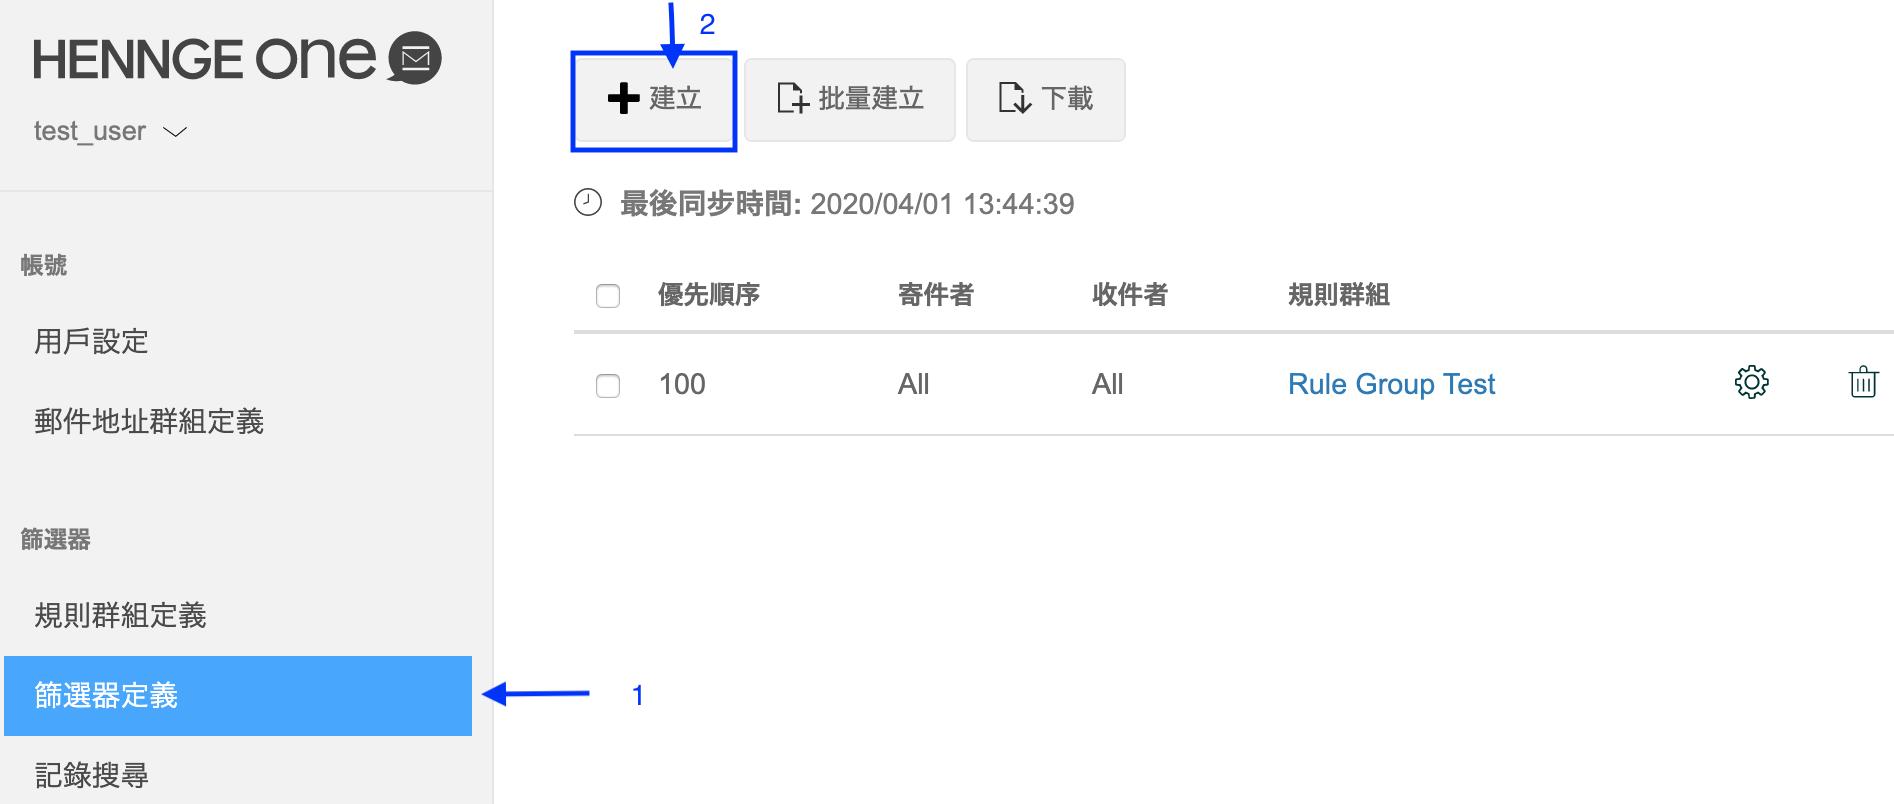 Screen_Shot_2020-04-01_at_14.03.01.png